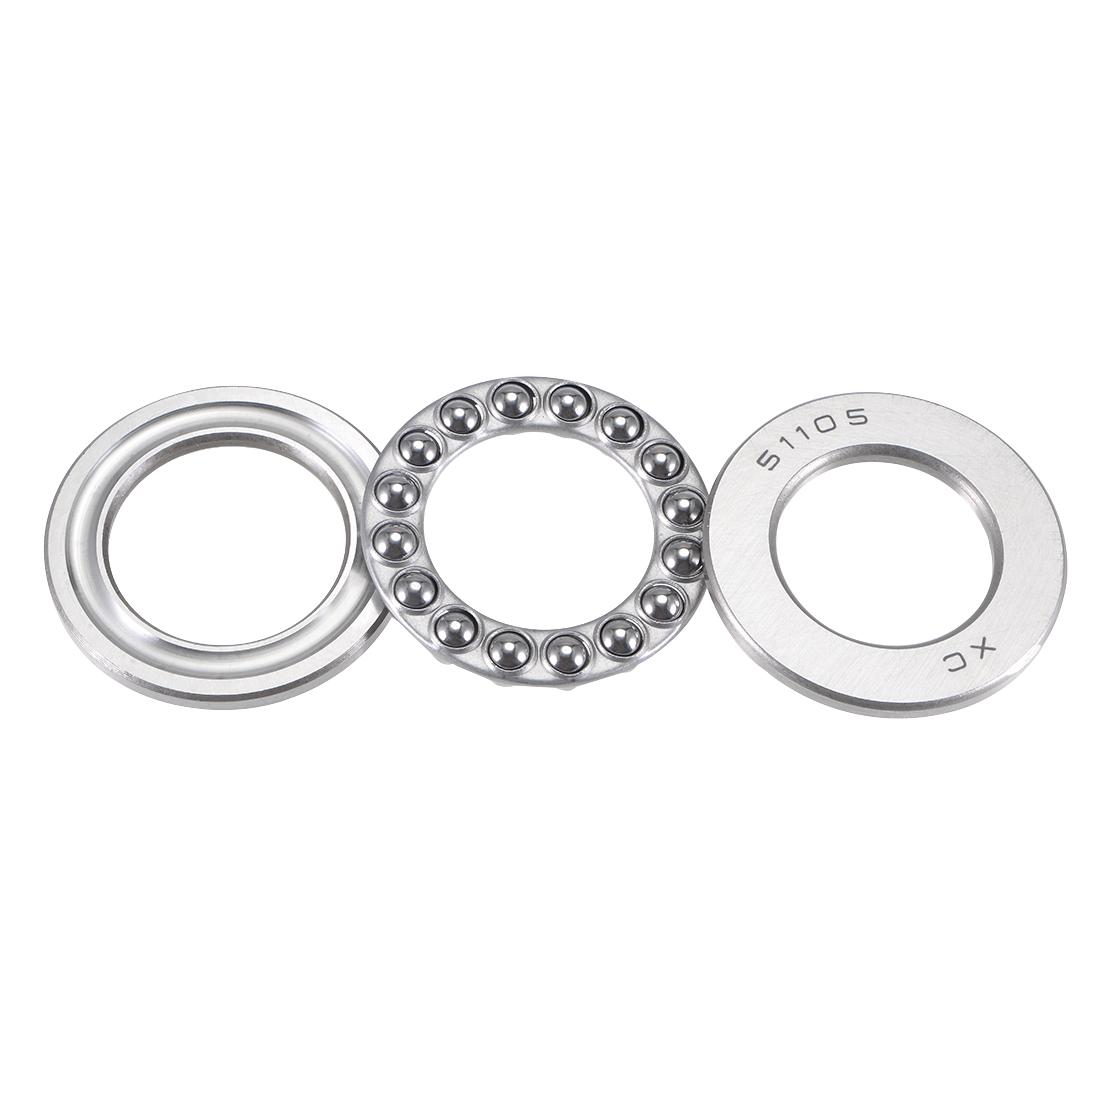 51105 25mm x 42mm x 11mm Axial Ball Thrust Bearings